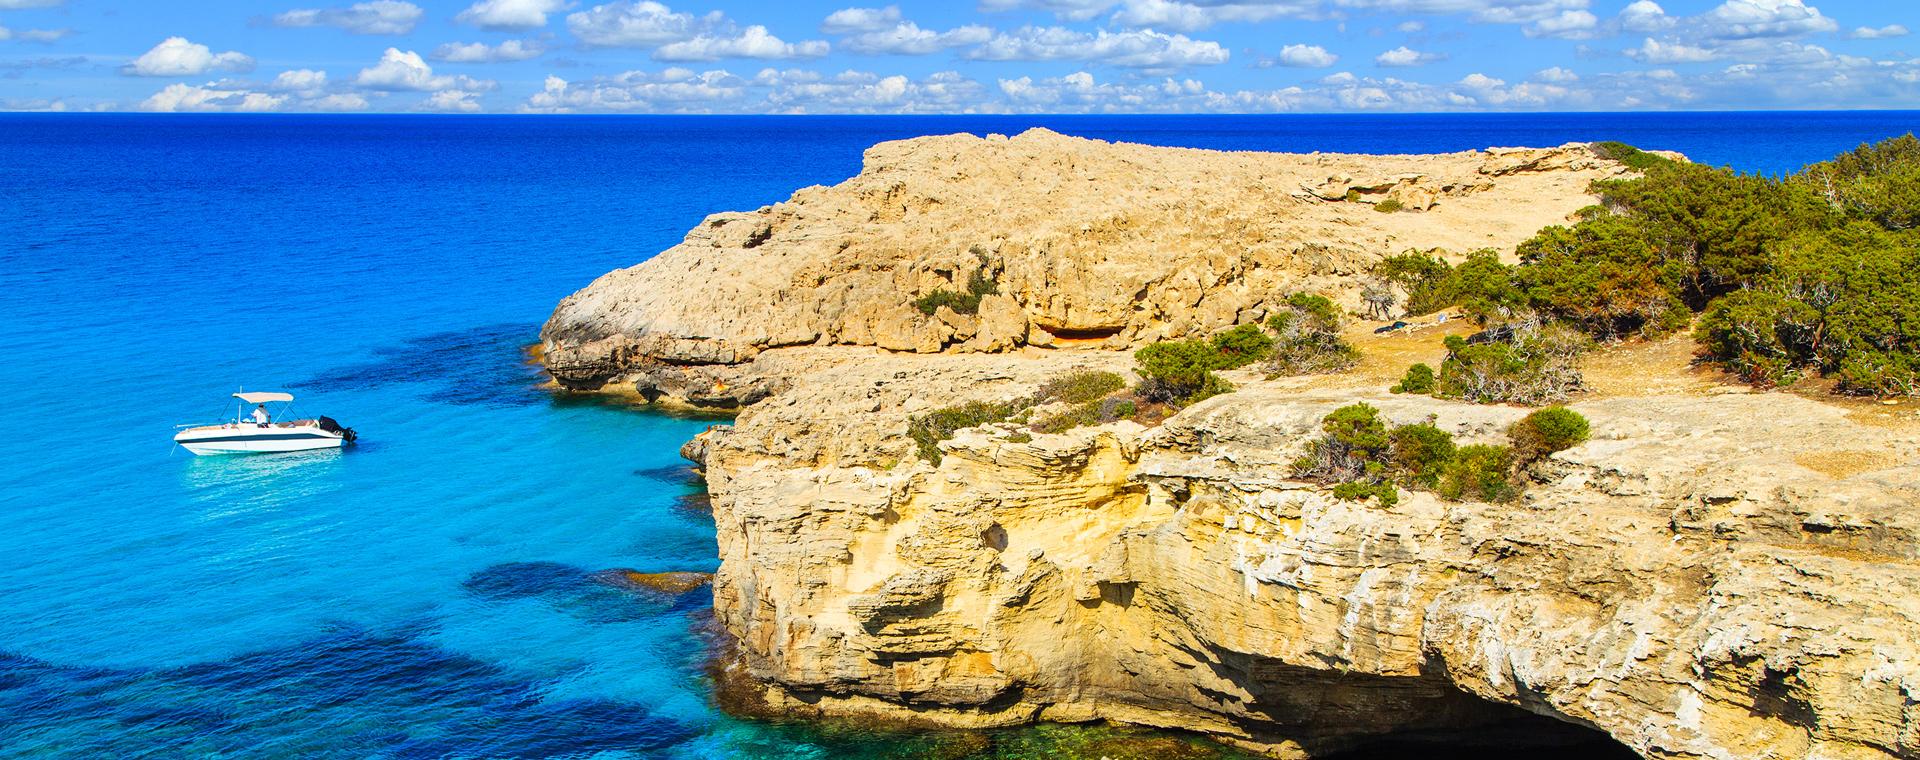 Voyage à pied : Chypre, douceur de vivre